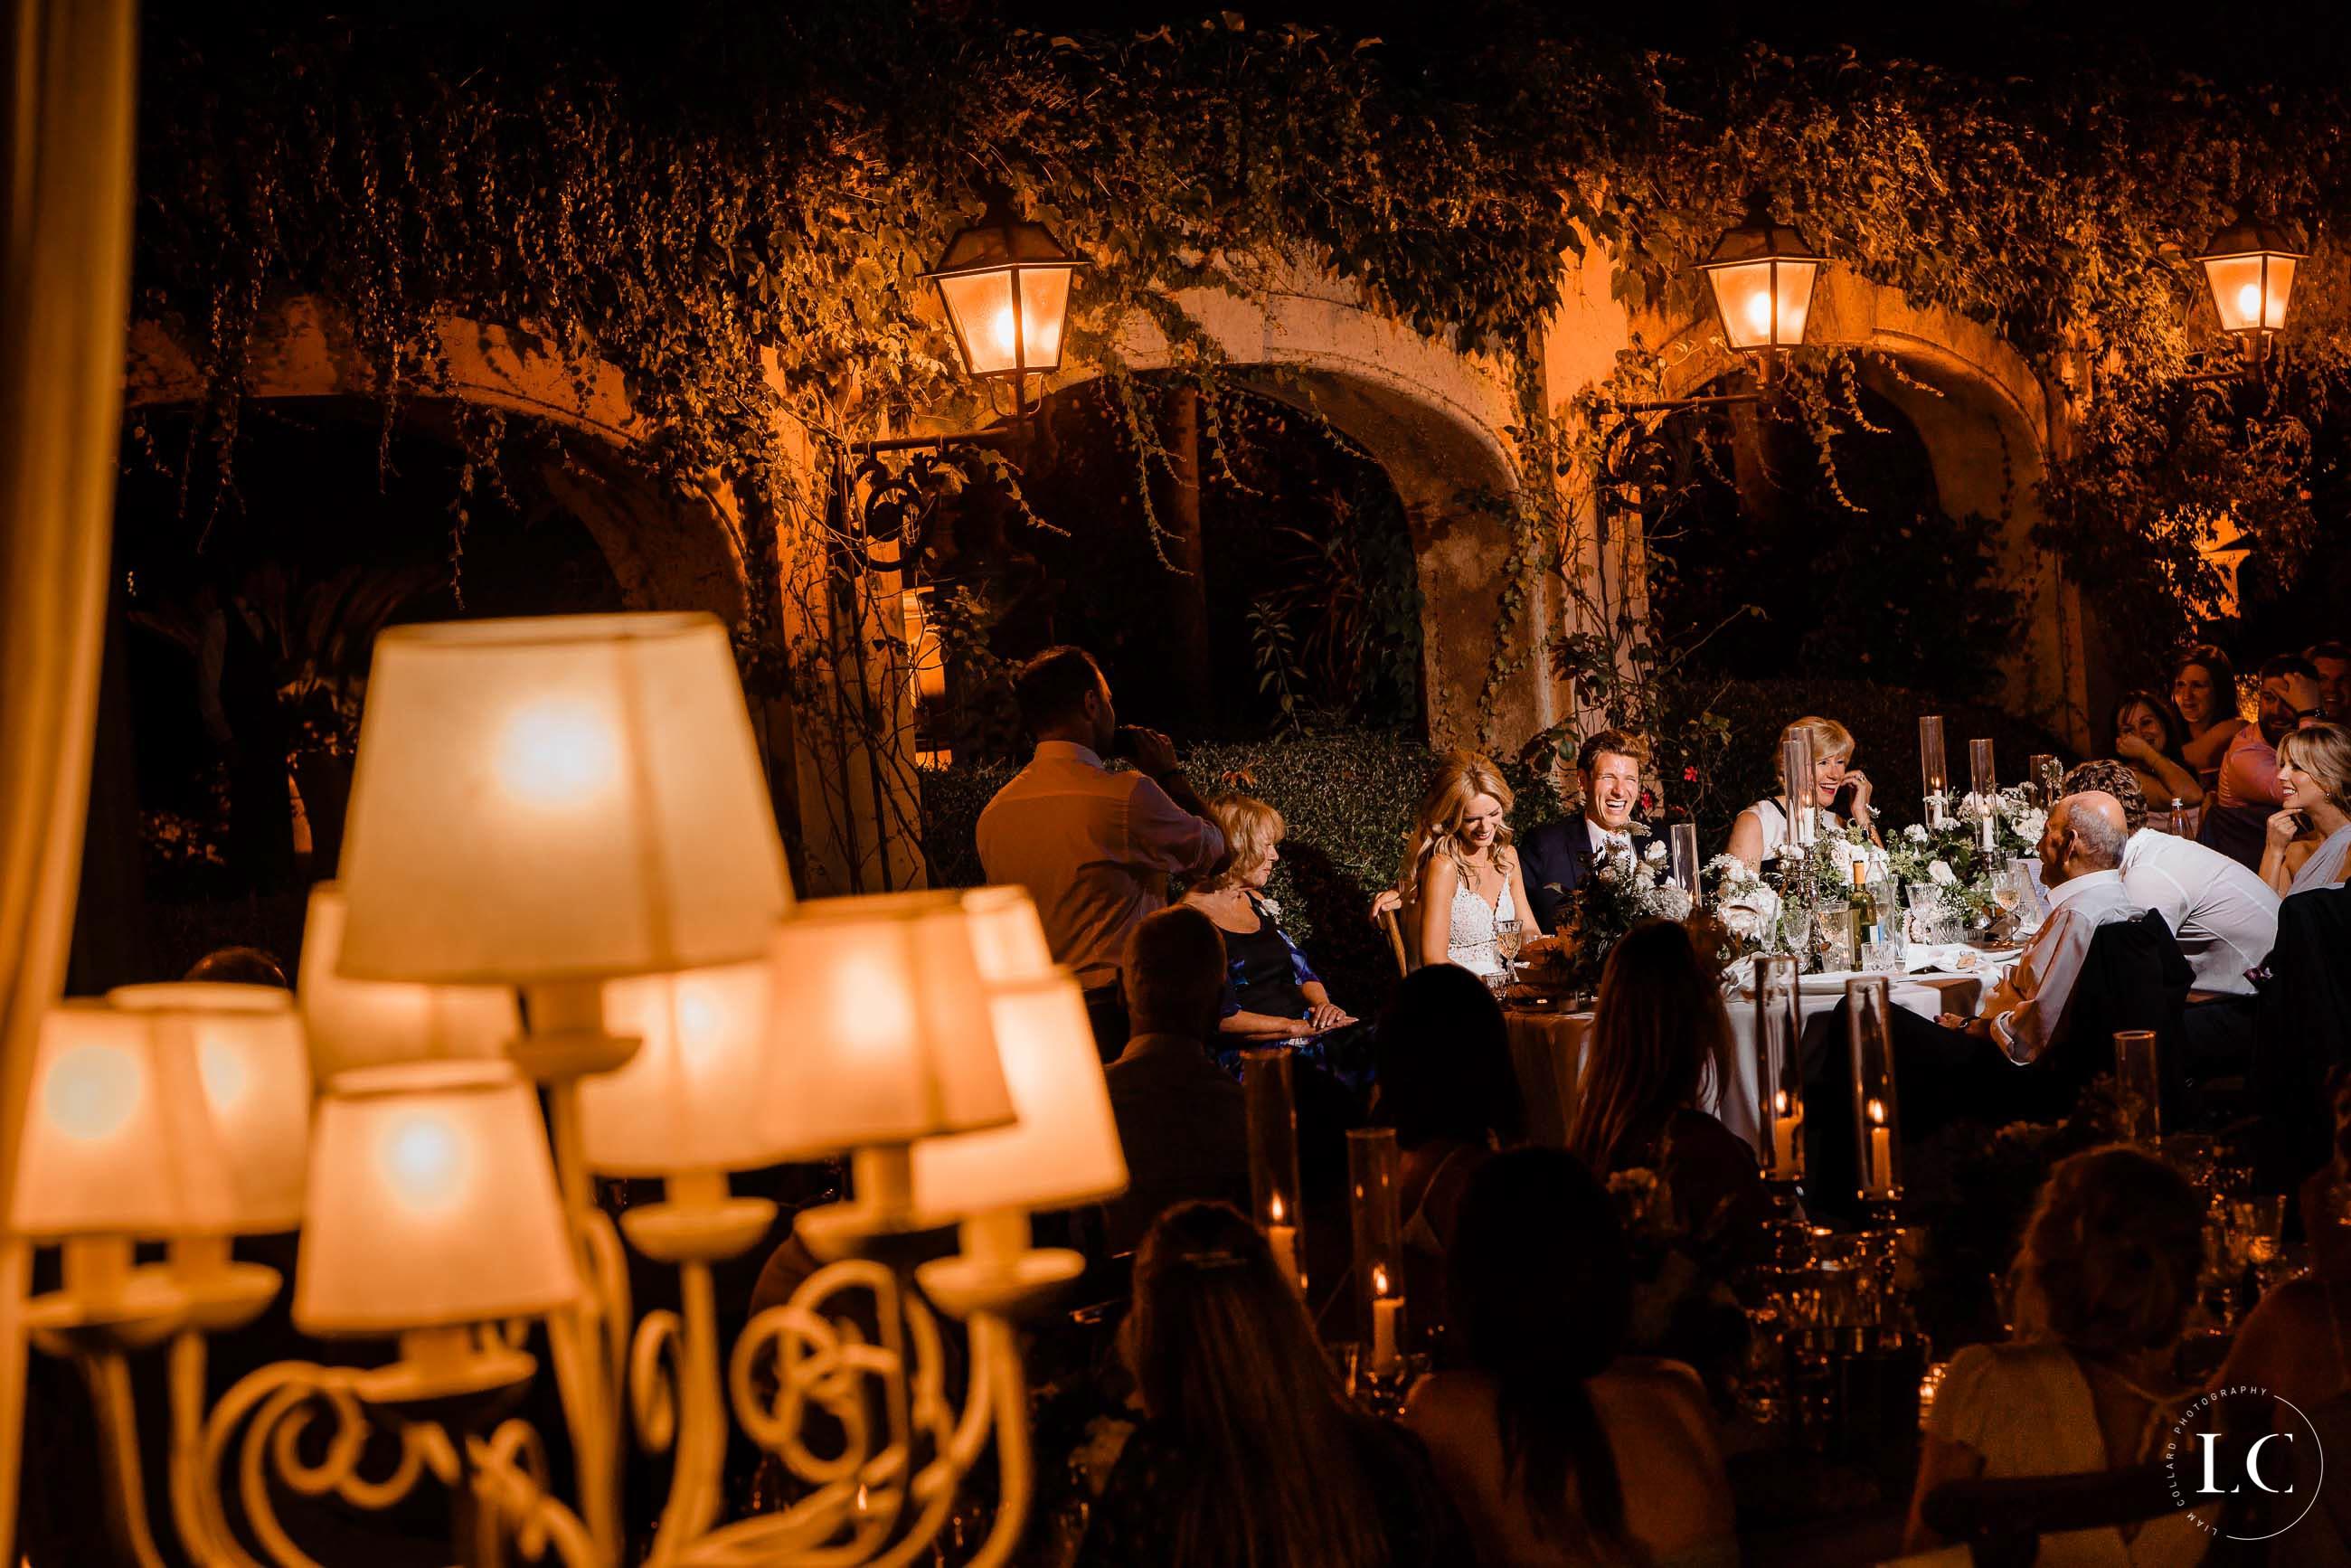 Guests at night